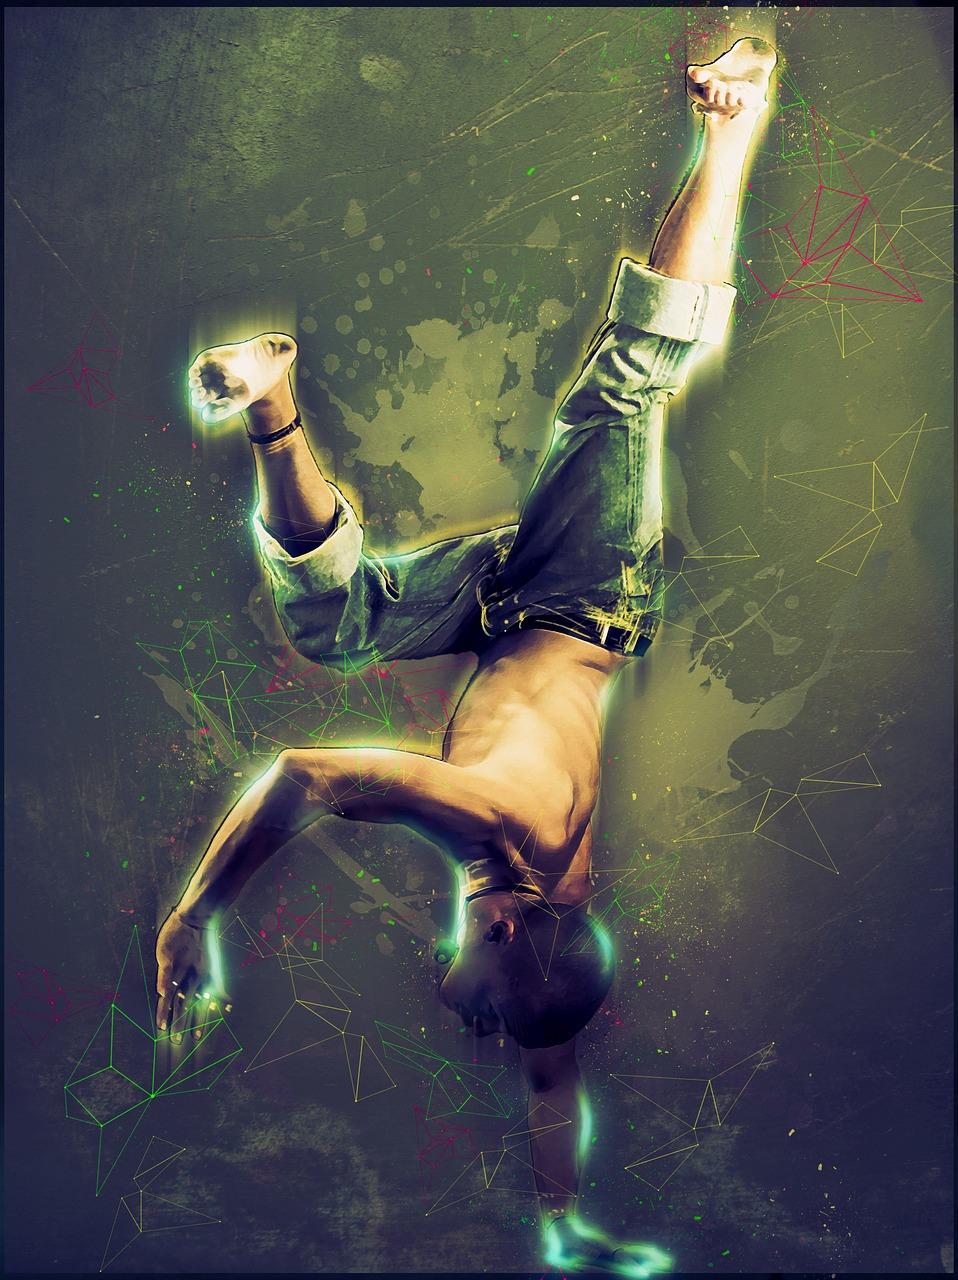 street-dancer-1756944_1280